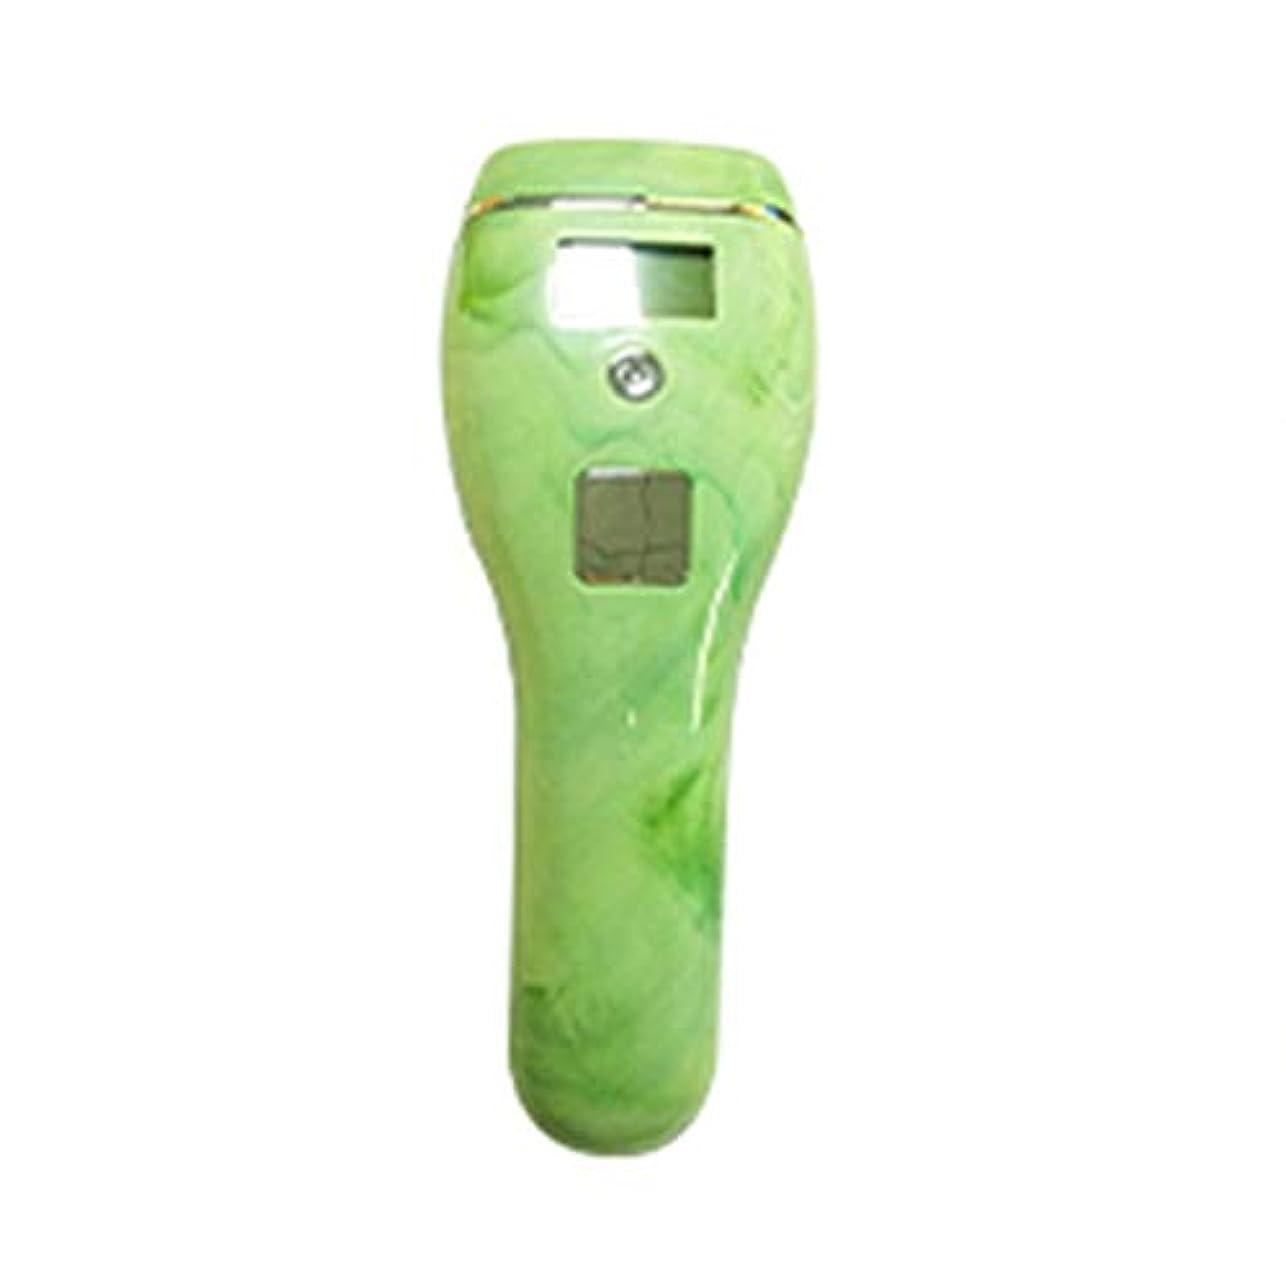 三角不名誉なアミューズメント自動肌のカラーセンシング、グリーン、5速調整、クォーツチューブ、携帯用痛みのない全身凍結乾燥用除湿器、サイズ19x7x5cm 効果が良い (Color : Green)